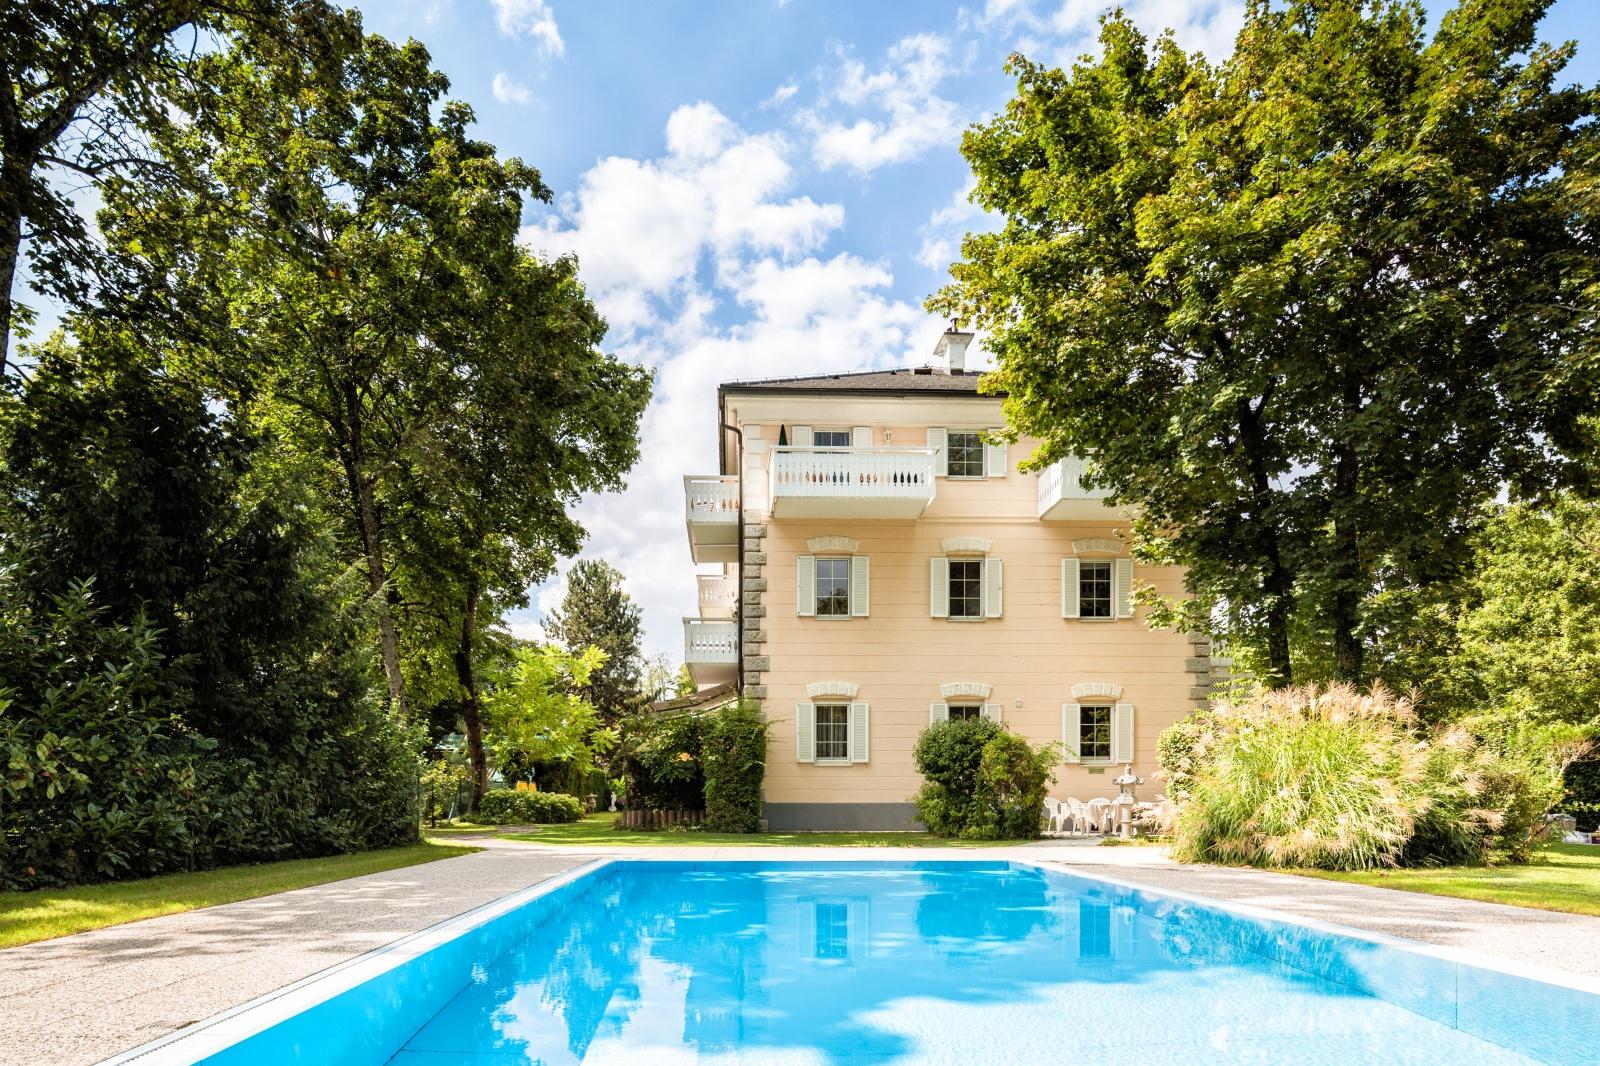 Eigentumswohnung, Elisabethstraße 12, 9210, Pörtschach am Wörther See, Kärnten